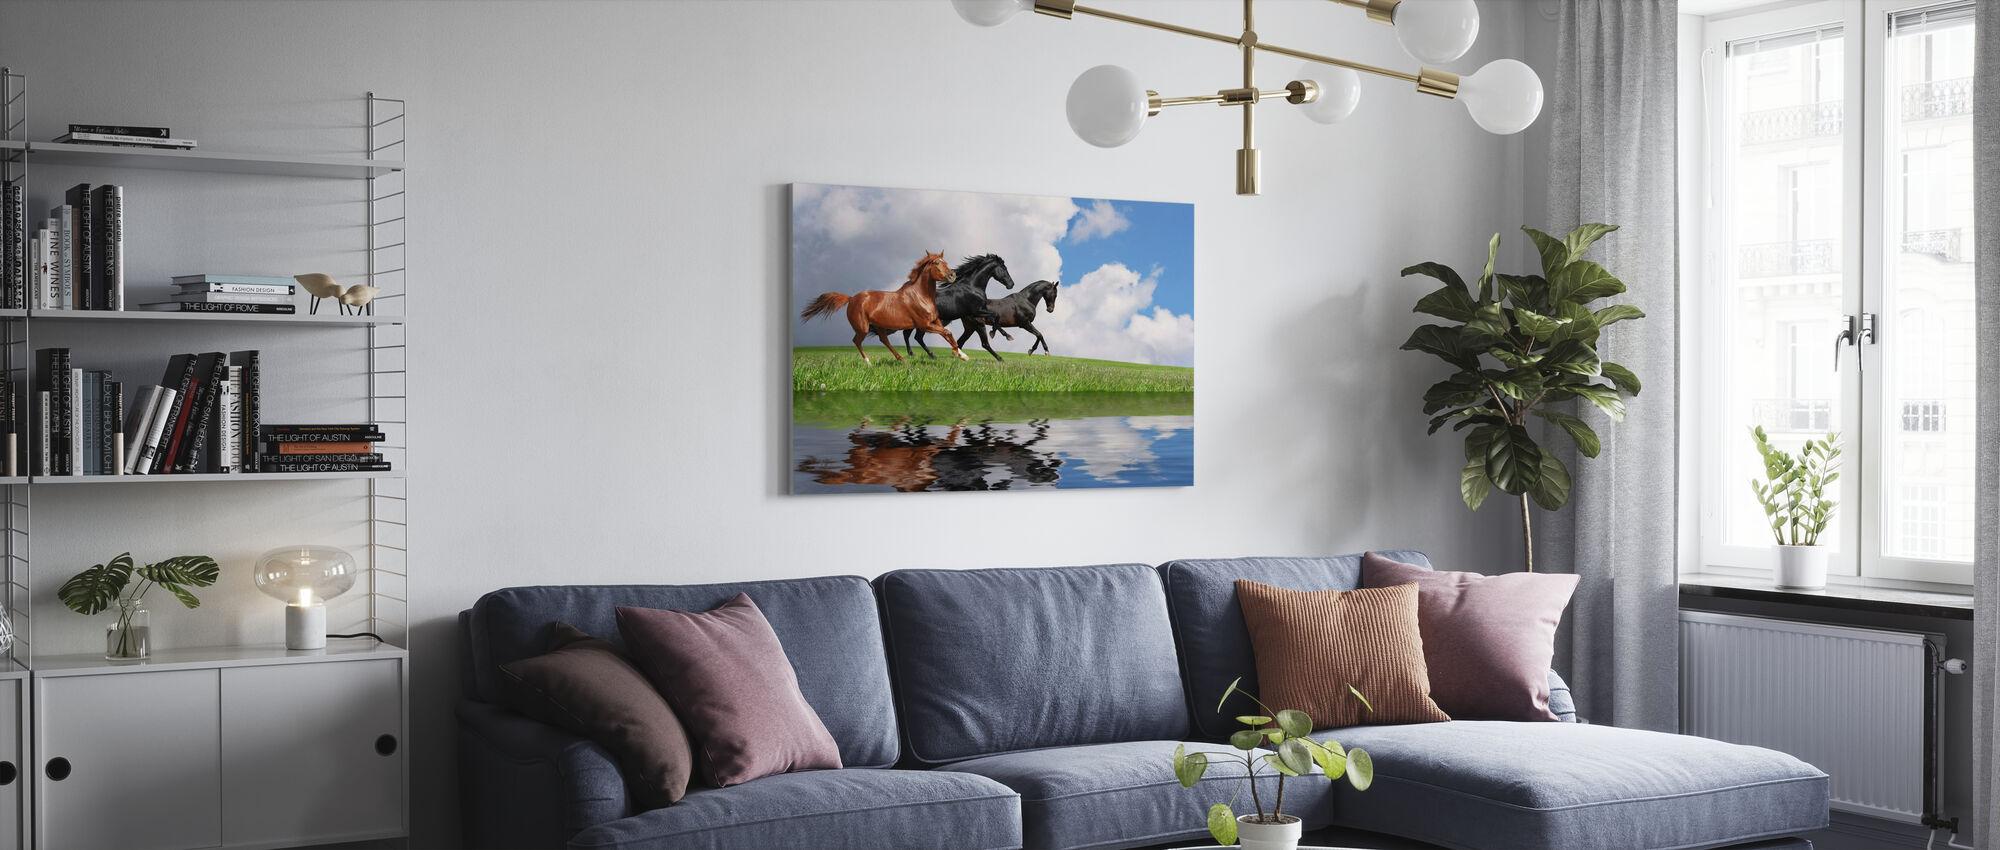 Gallop Paarden - Canvas print - Woonkamer